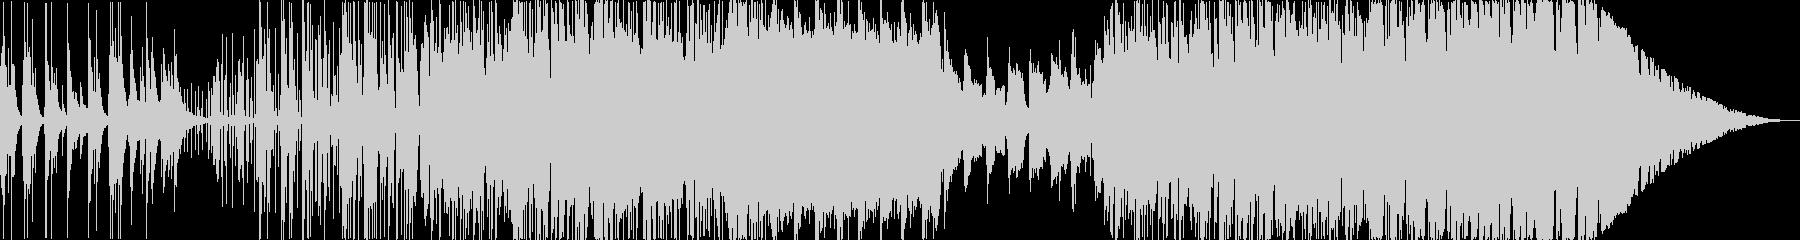 三味線メインの和風インスト曲ですの未再生の波形